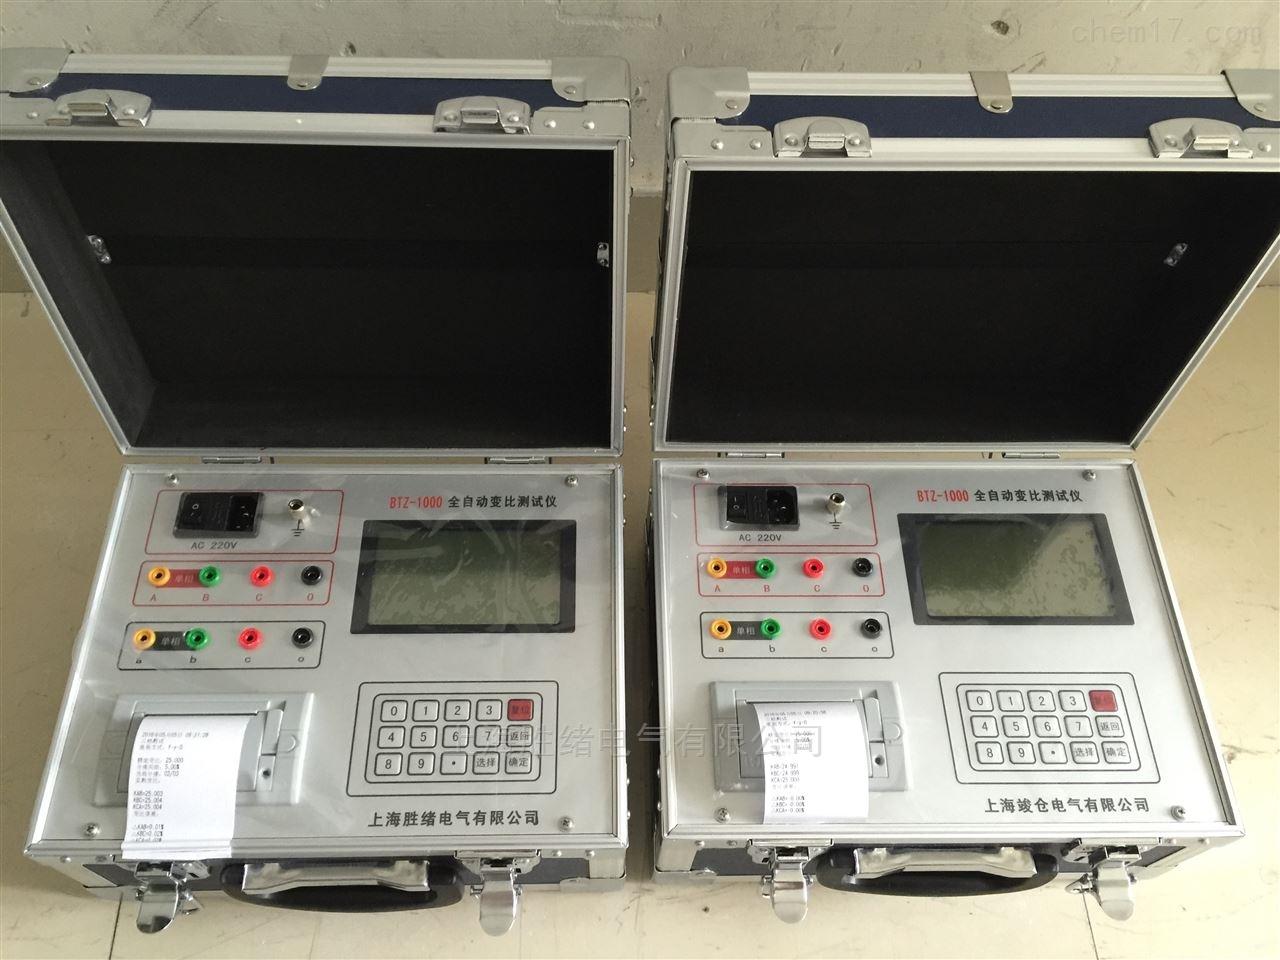 SX-6202全自动变比测试仪